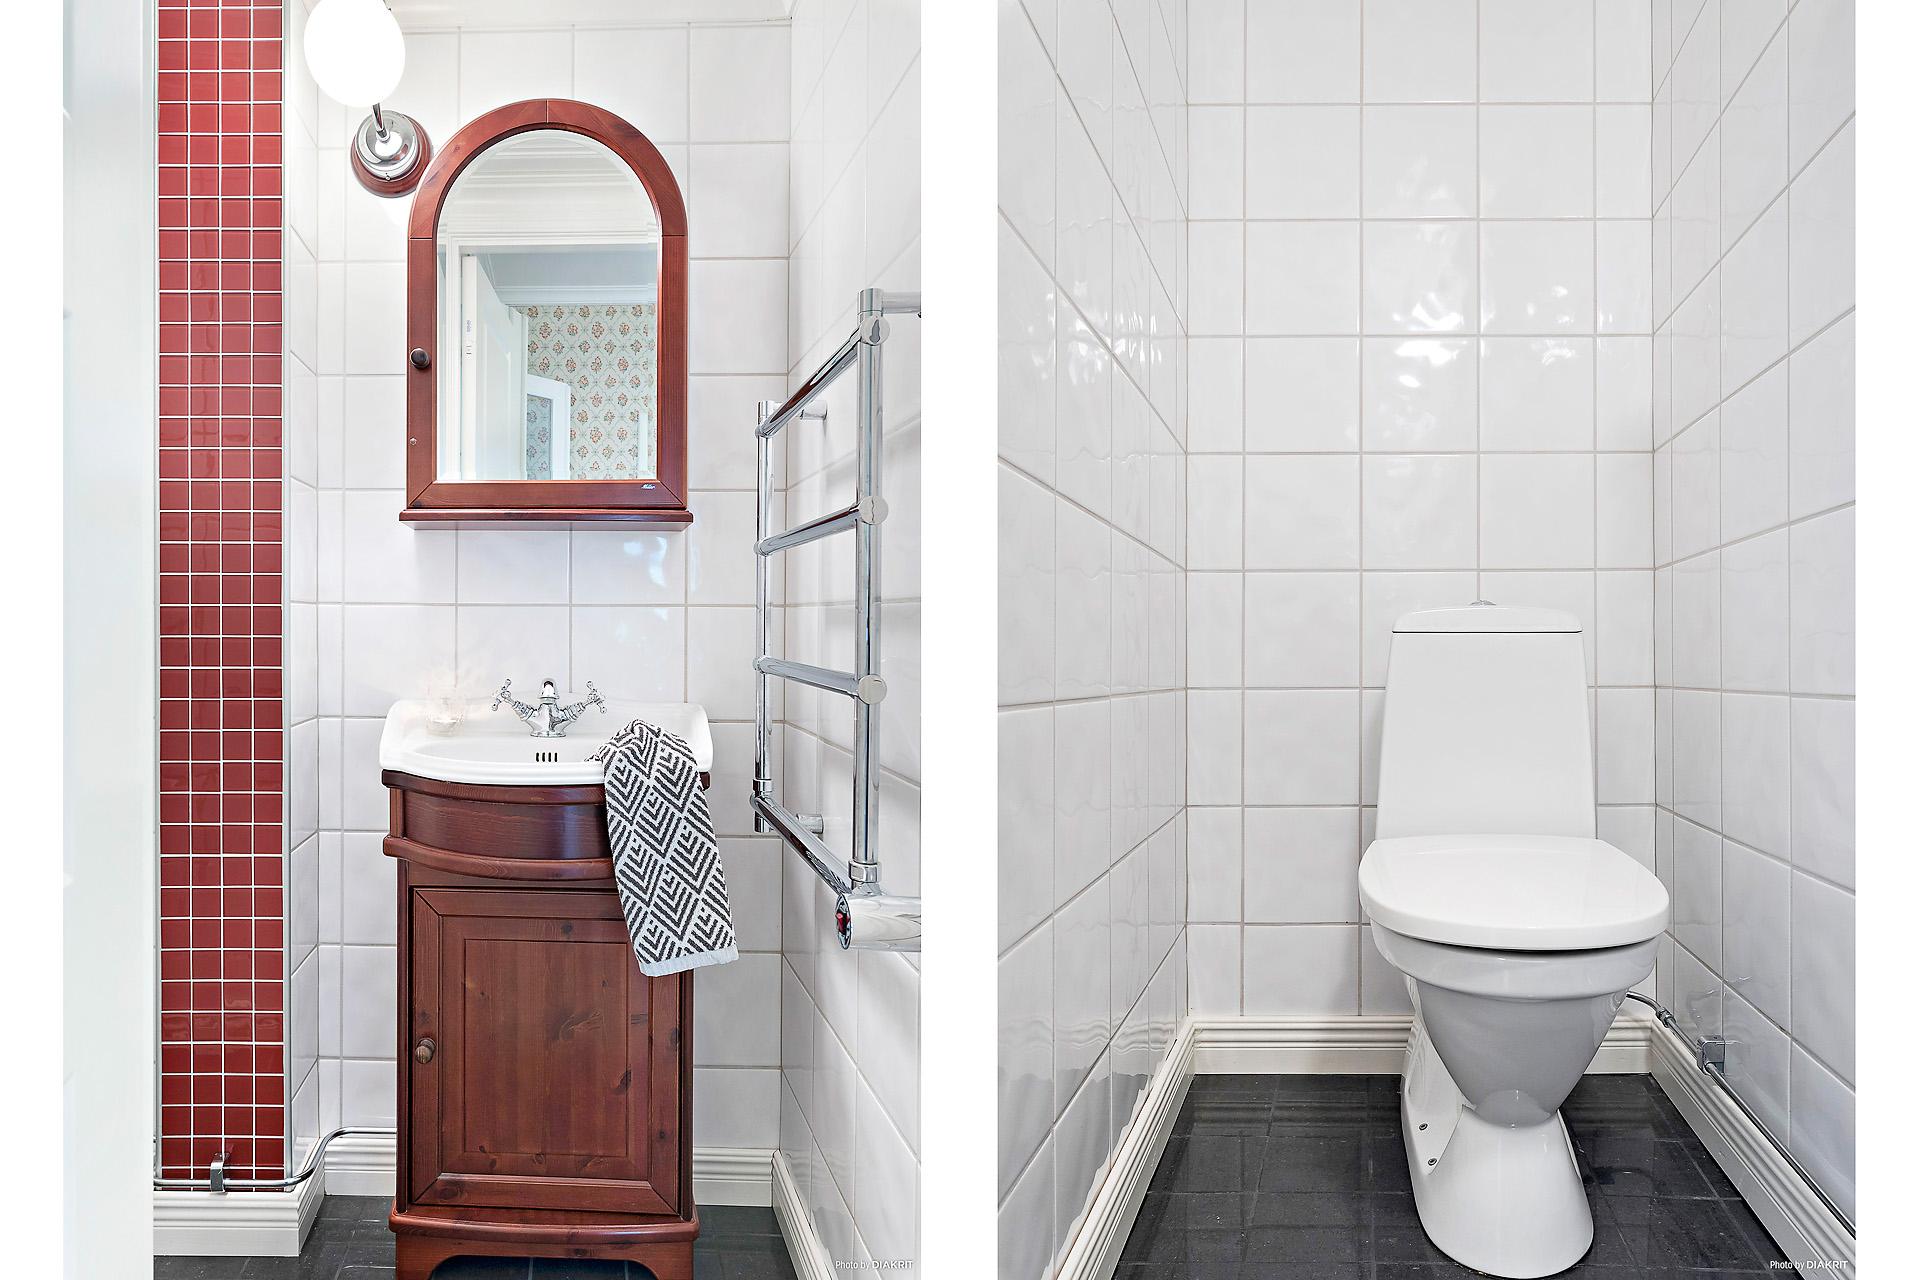 Helkaklad toalett med golvvärme på entréplan